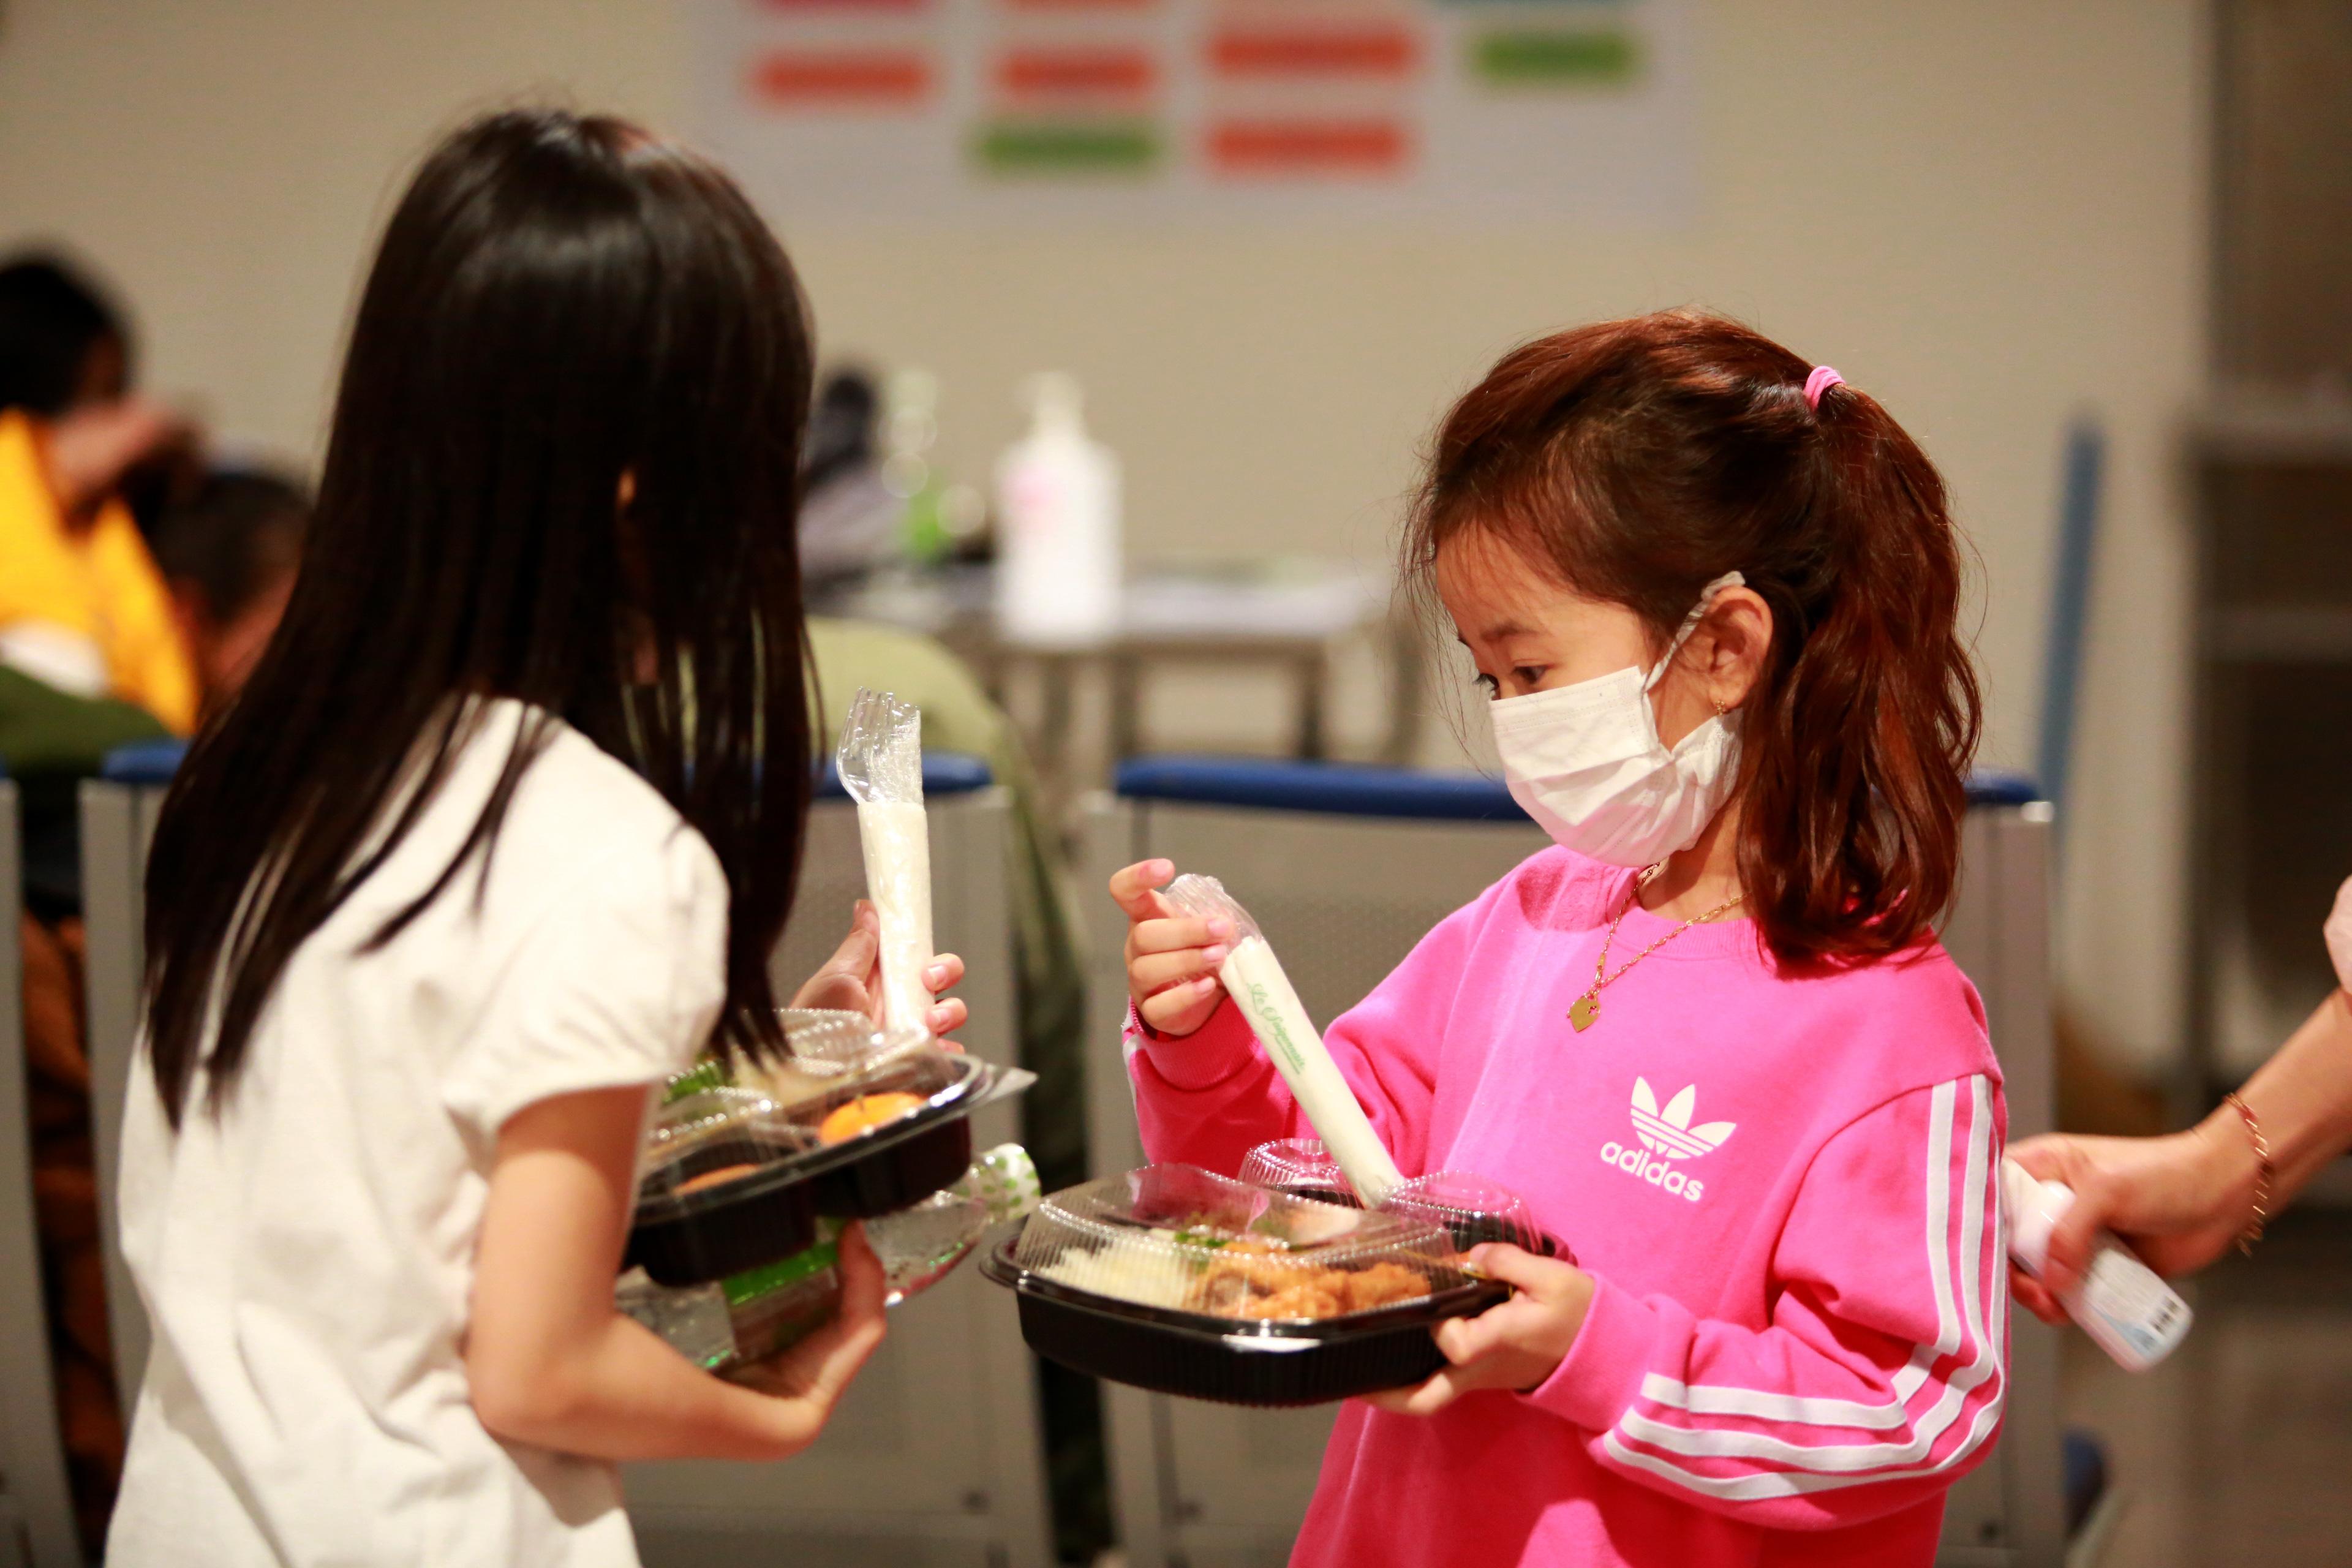 QUY TRÌNH NGHIÊM NGẶT giúp phát hiện 3 người về từ Hàn Quốc có dấu hiệu sốt, được cách ly lập tức khi xuống Tân Sơn Nhất - Ảnh 10.